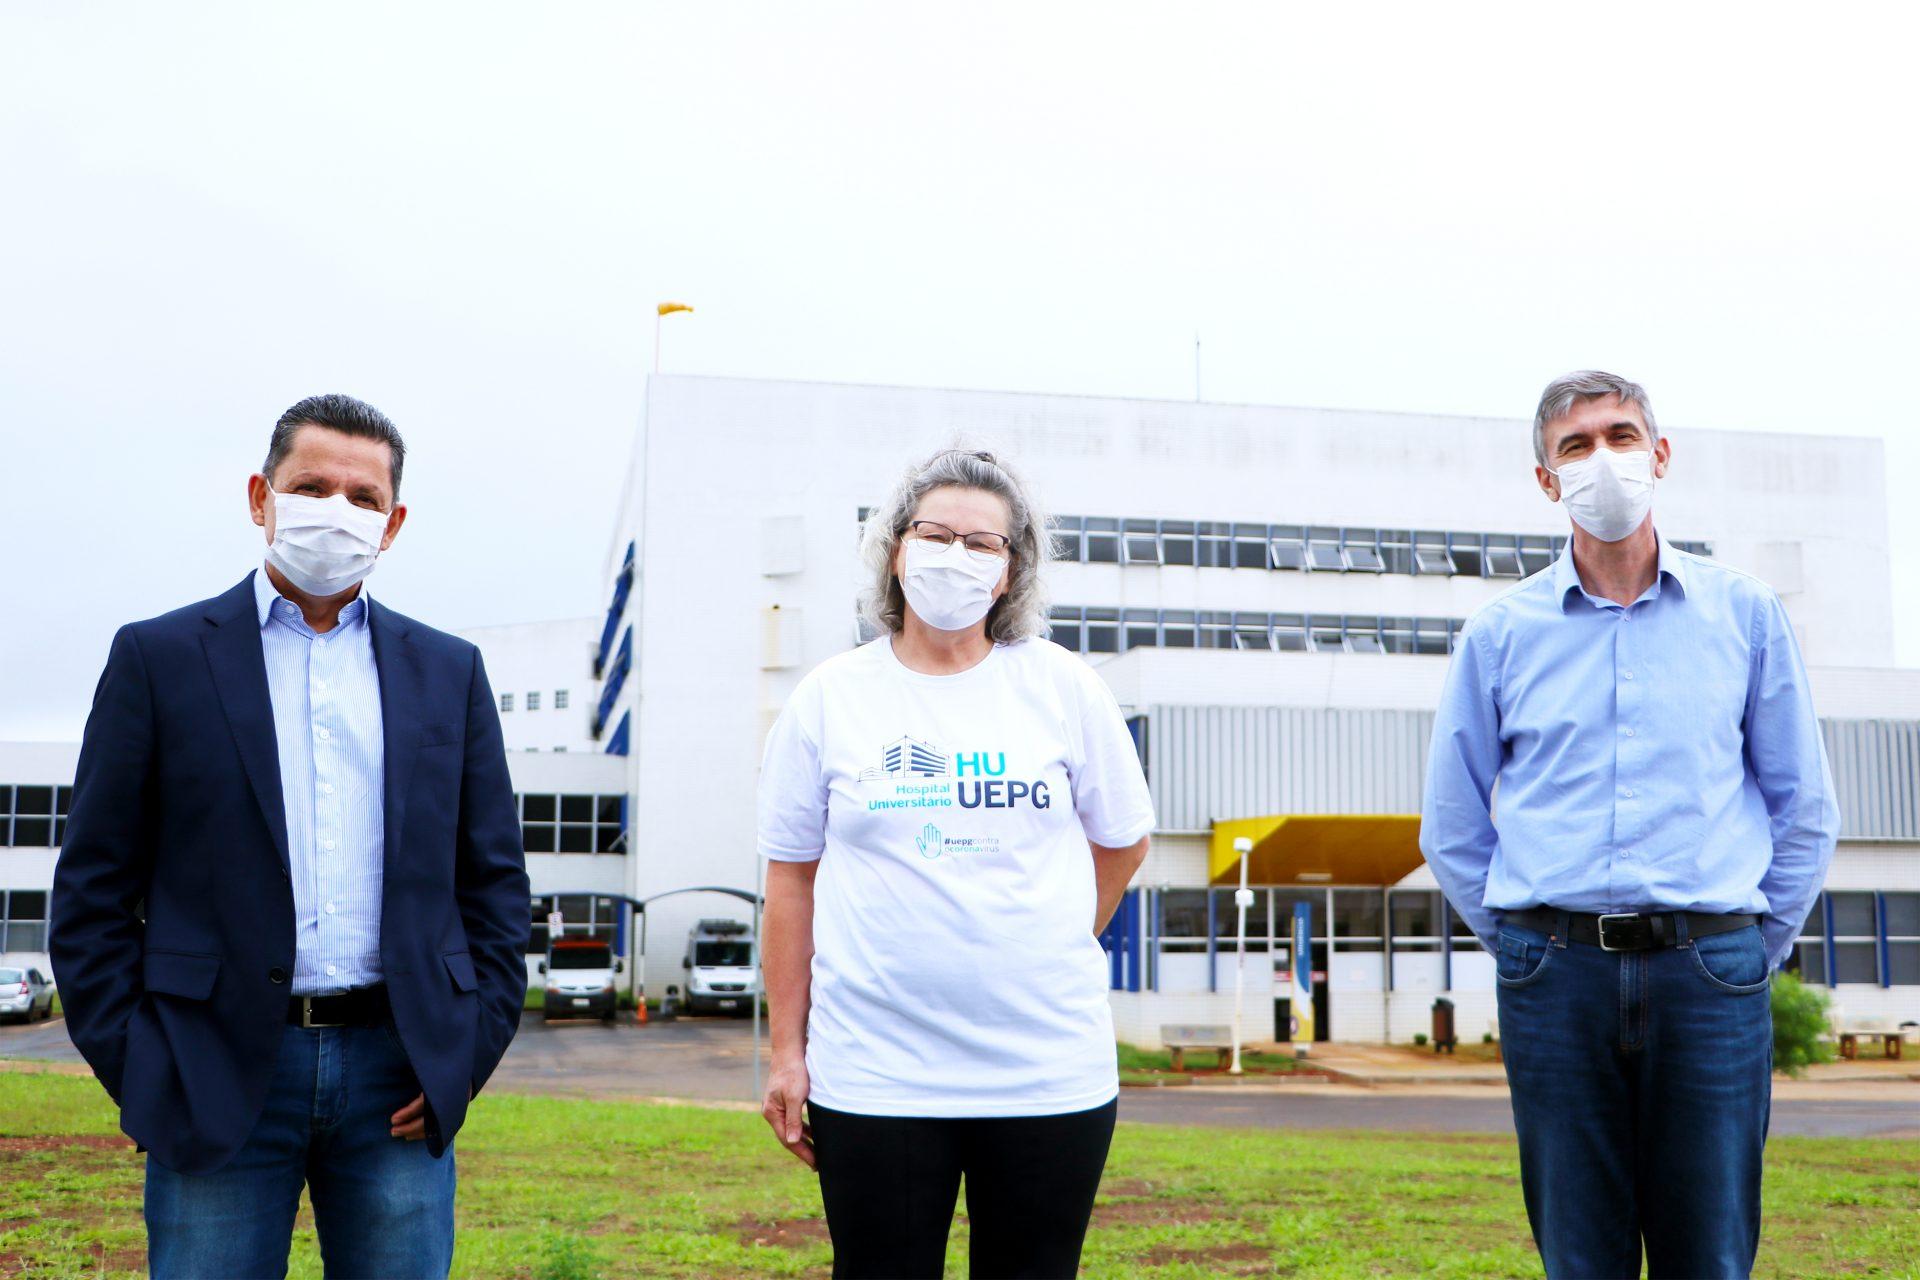 Primeira vacinada contra Covid-19 em Ponta Grossa é profissional do HU-UEPG